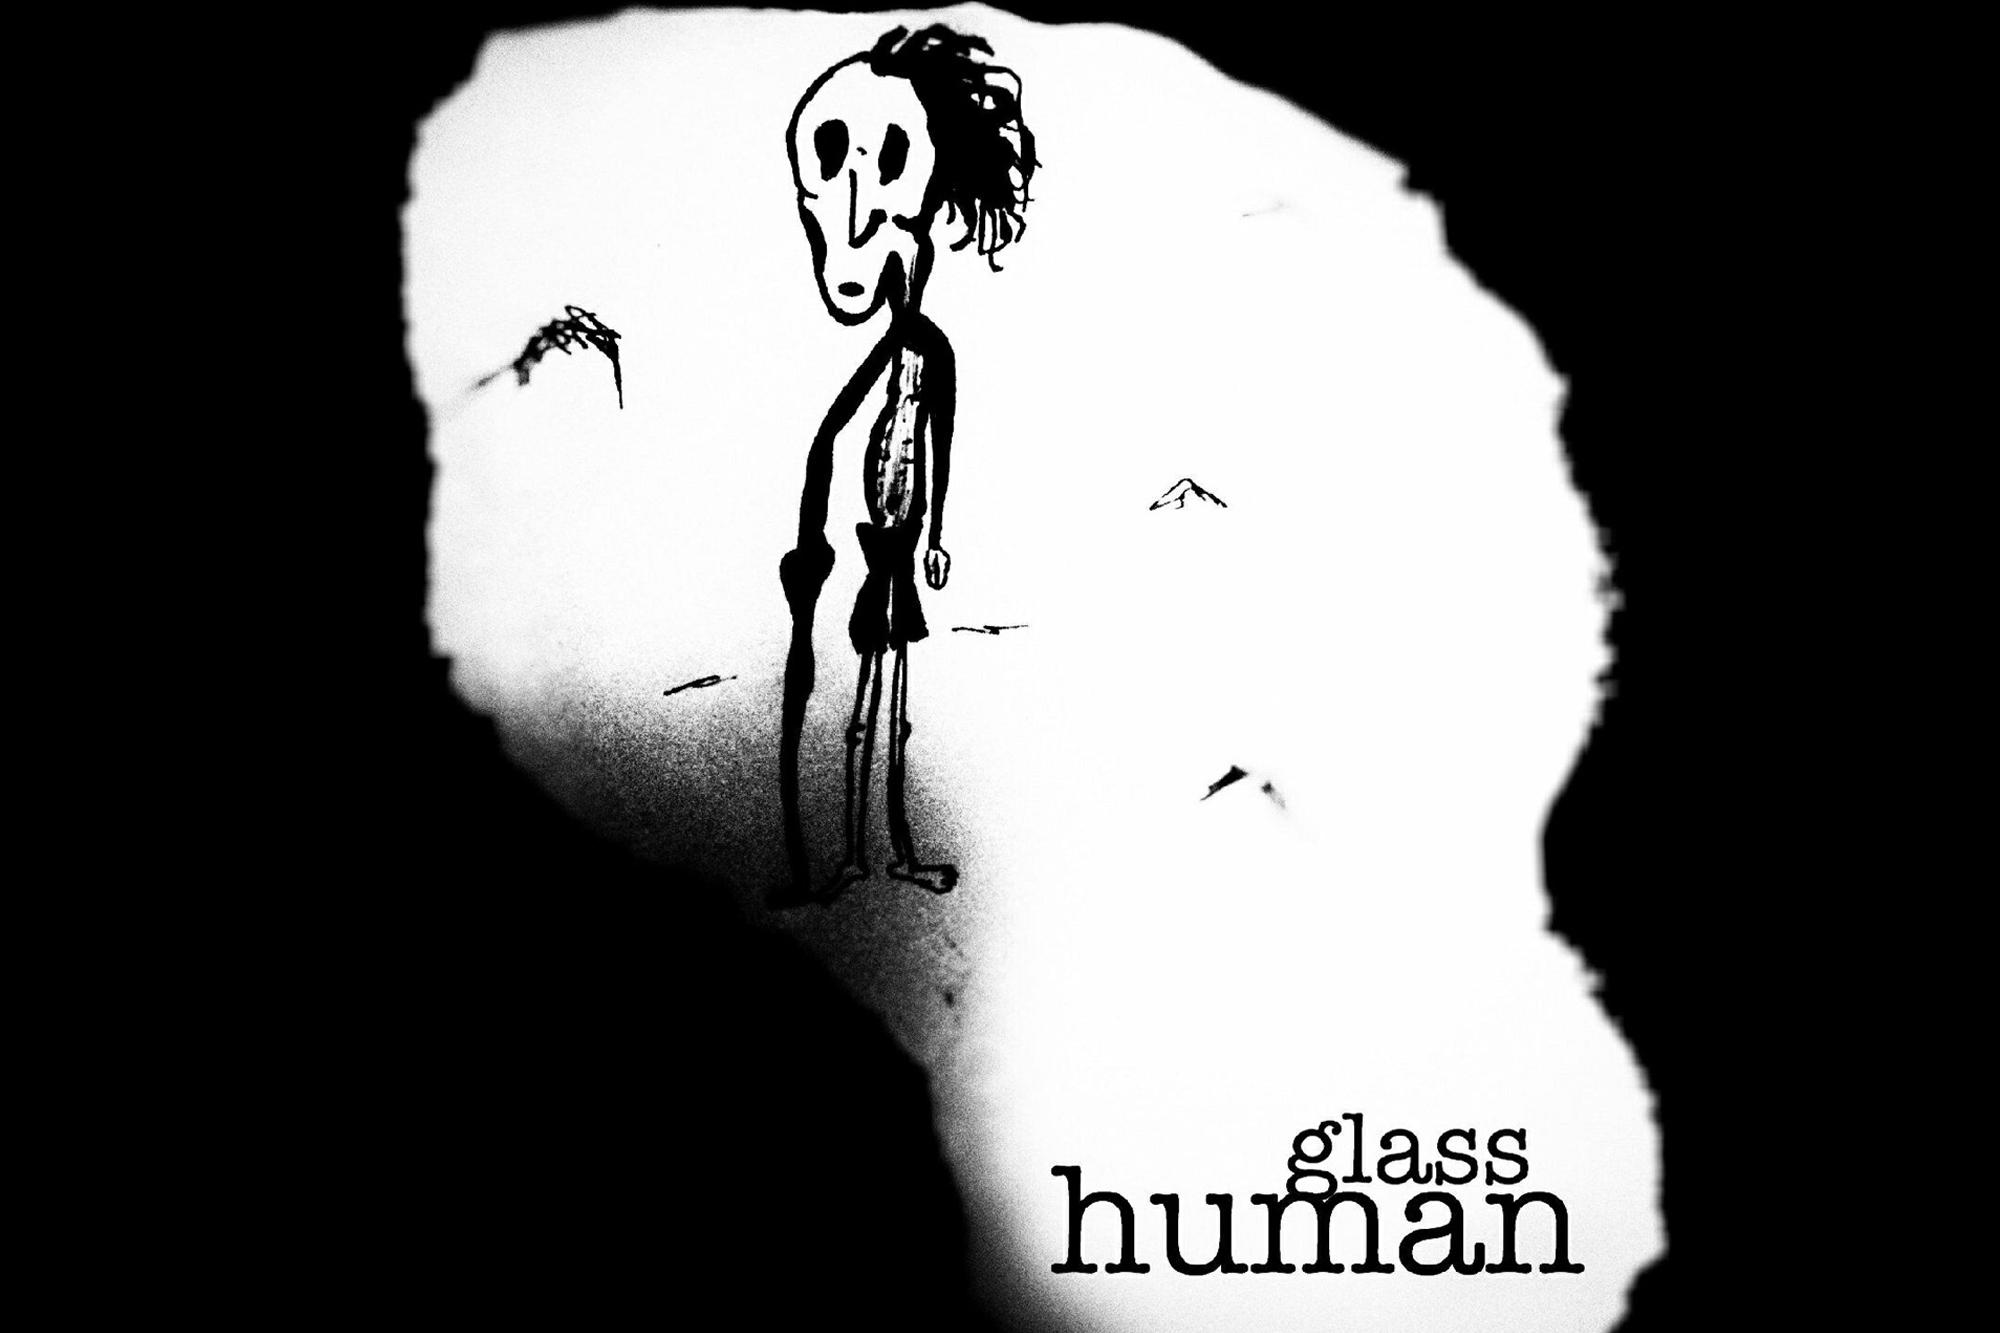 GLASS HUMAN